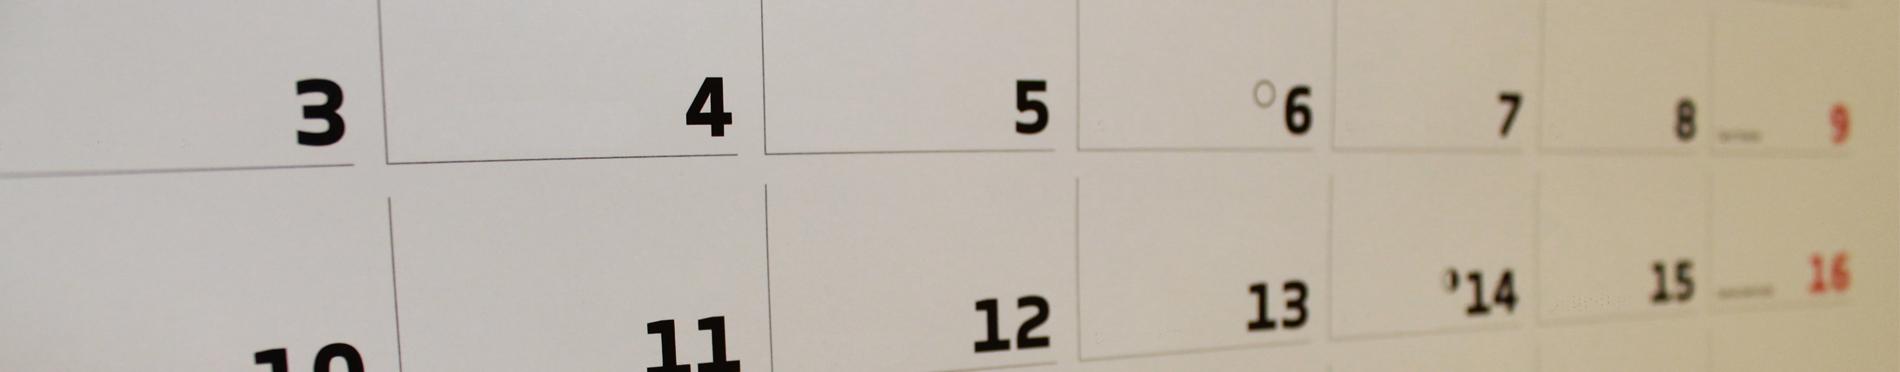 Calendario Laboral De Cataluna.Calendario Laboral Generalitat De Cataluna